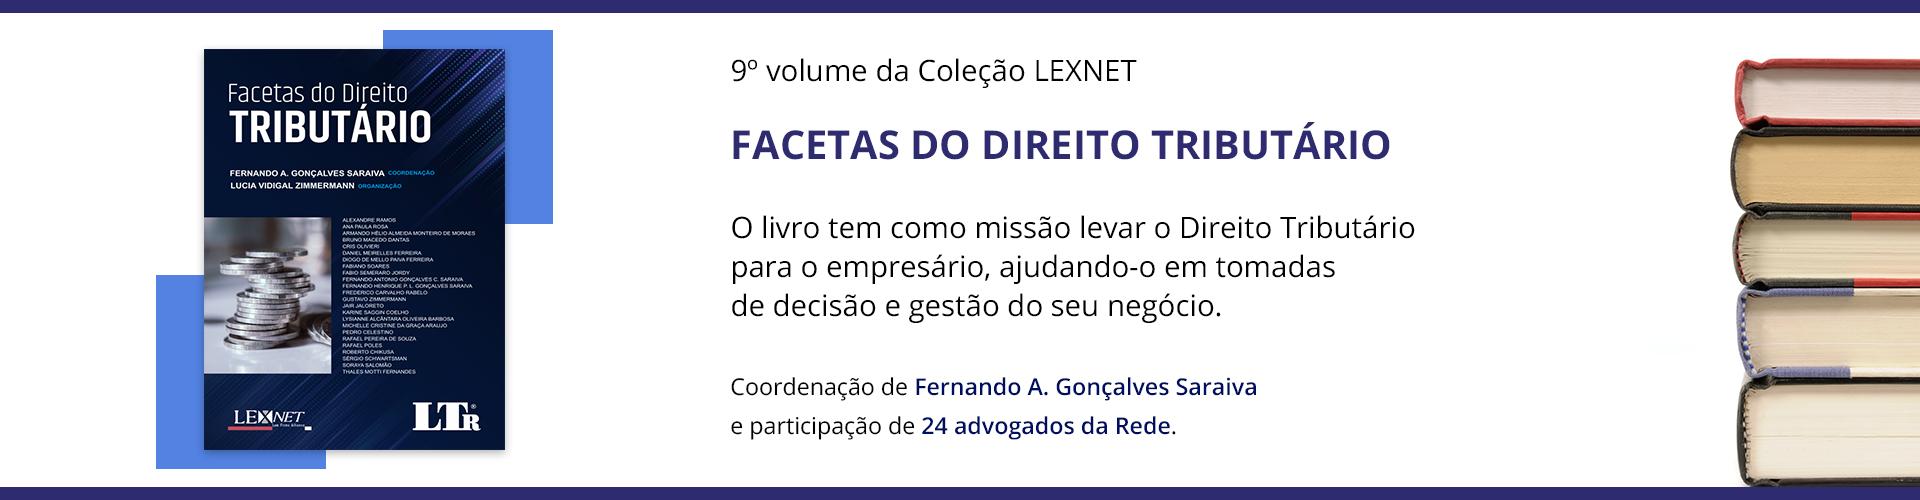 Lançamento do 8 volume da Coleção LEXNET